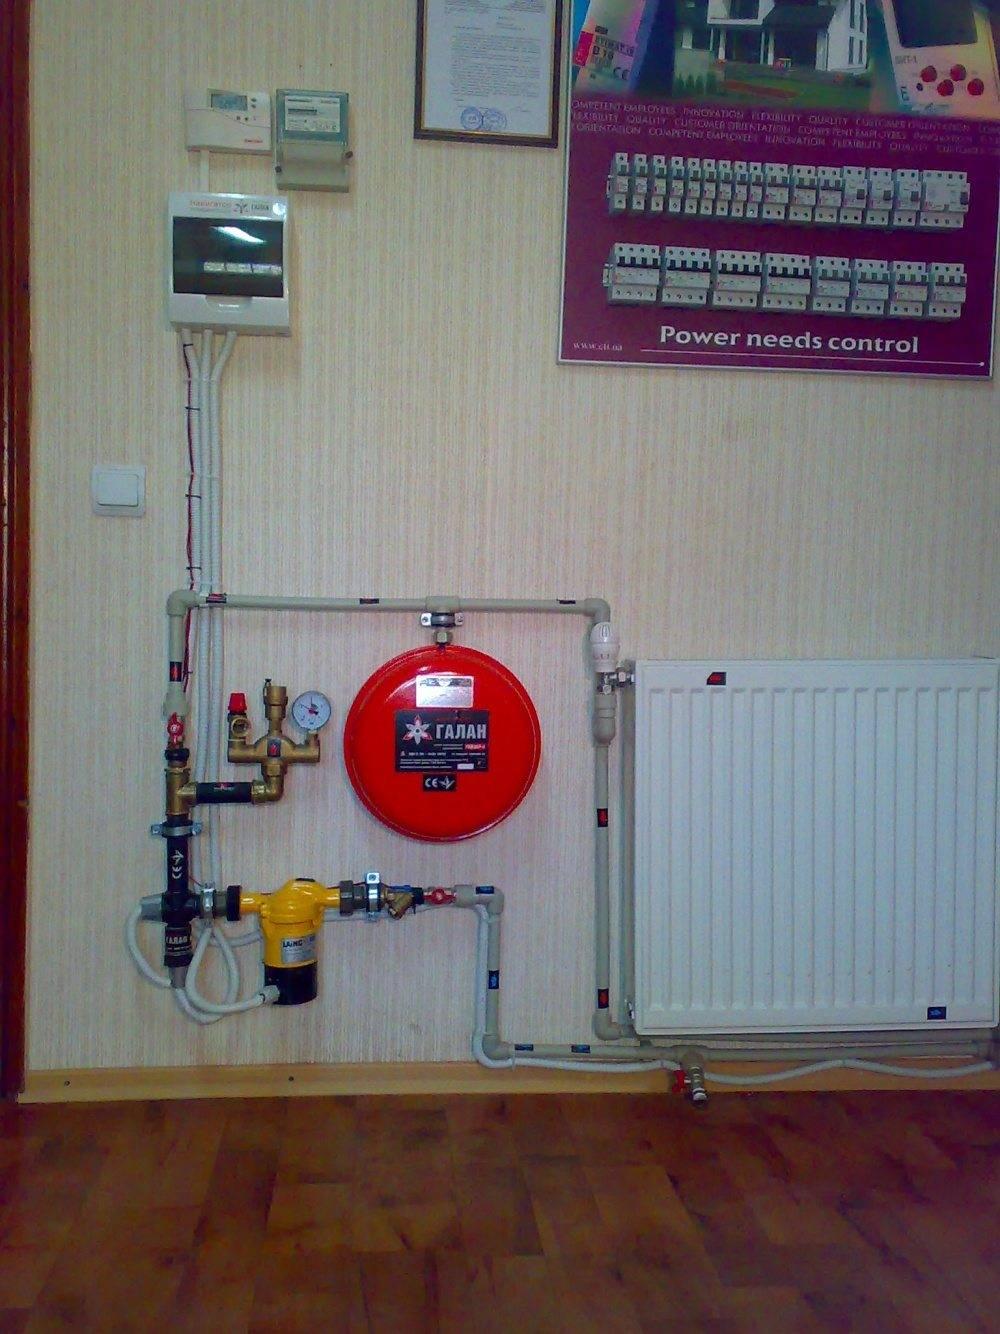 Энергосберегающие котлы отопления: инструкция по монтажу своими руками, особенности отопительной электроустановки эоу, видео, цена, фото